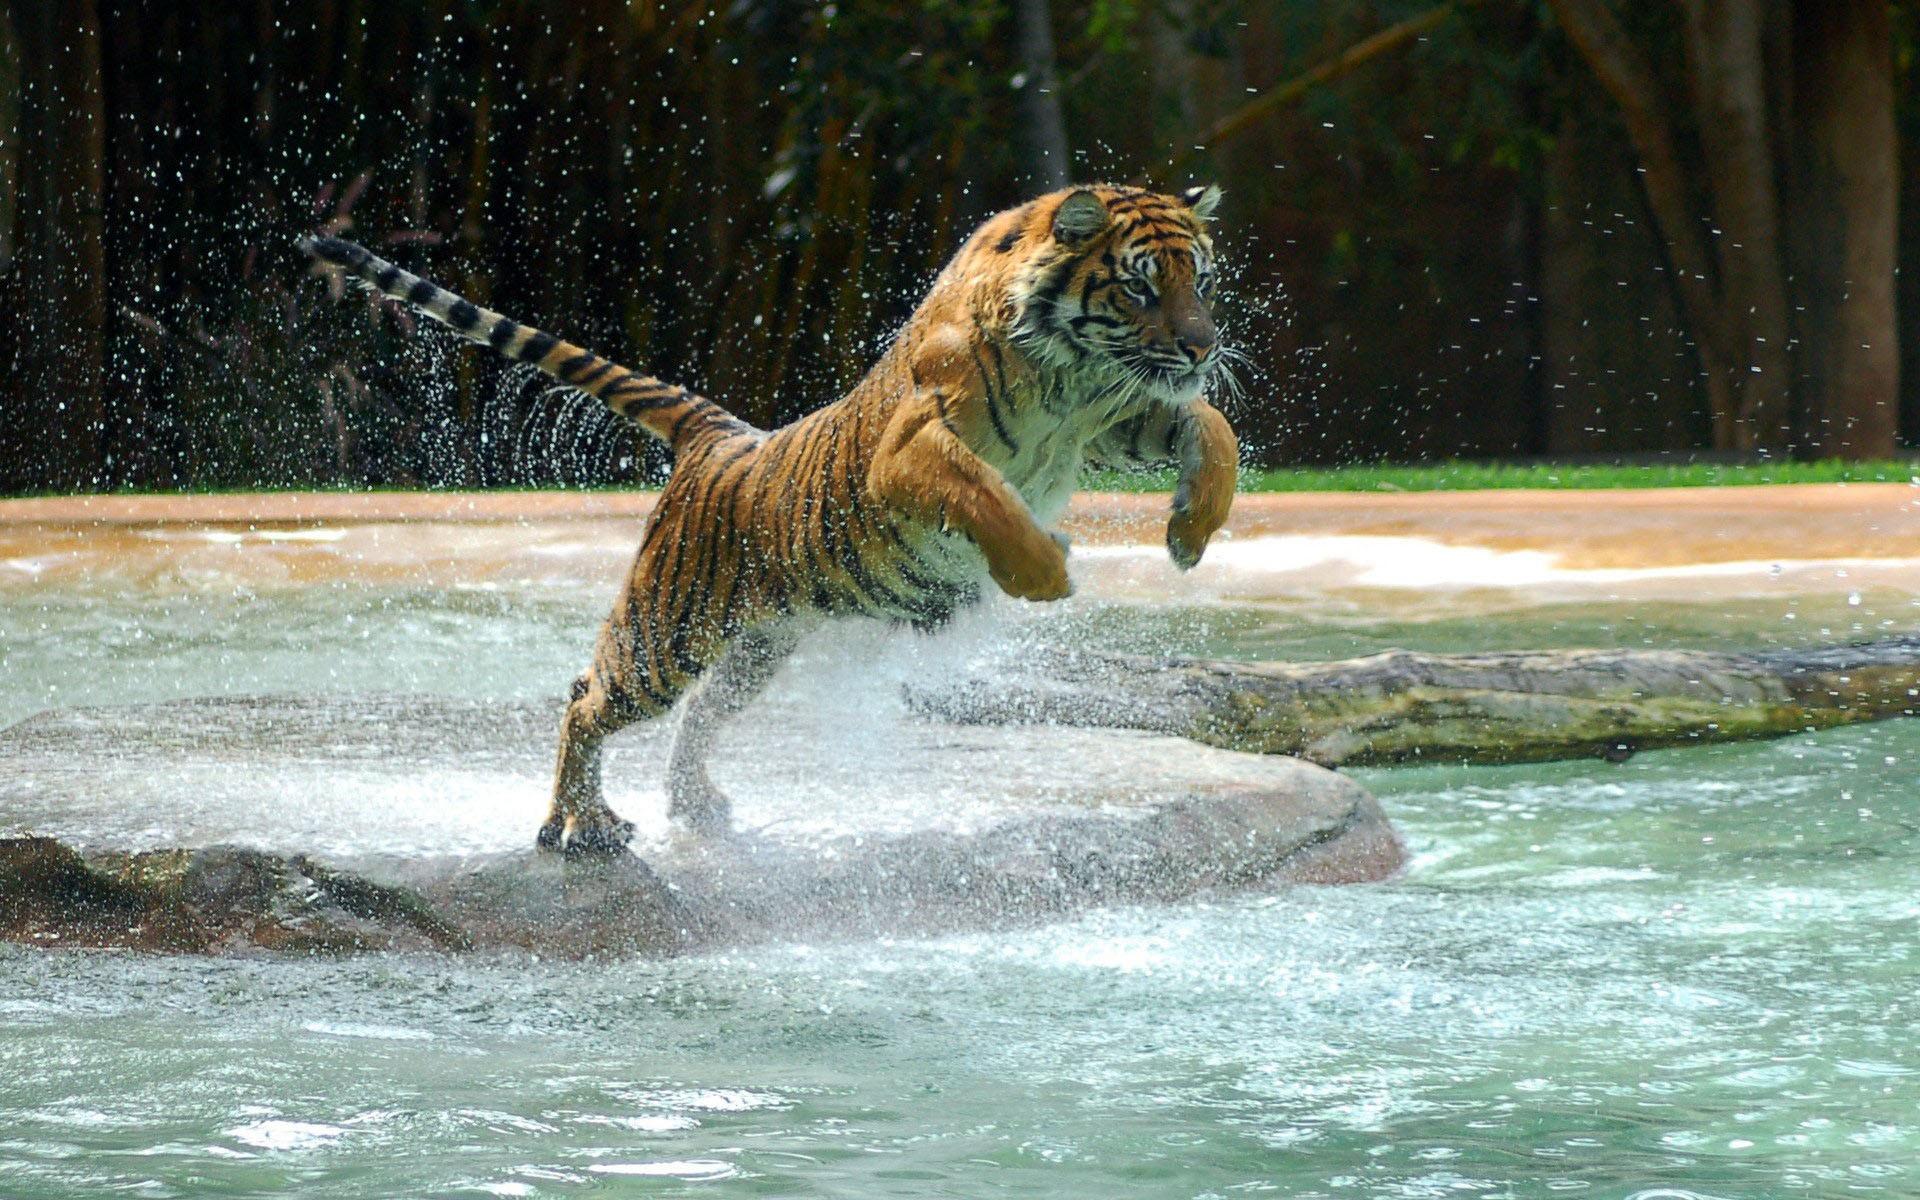 Tigre saltando - 1920x1200